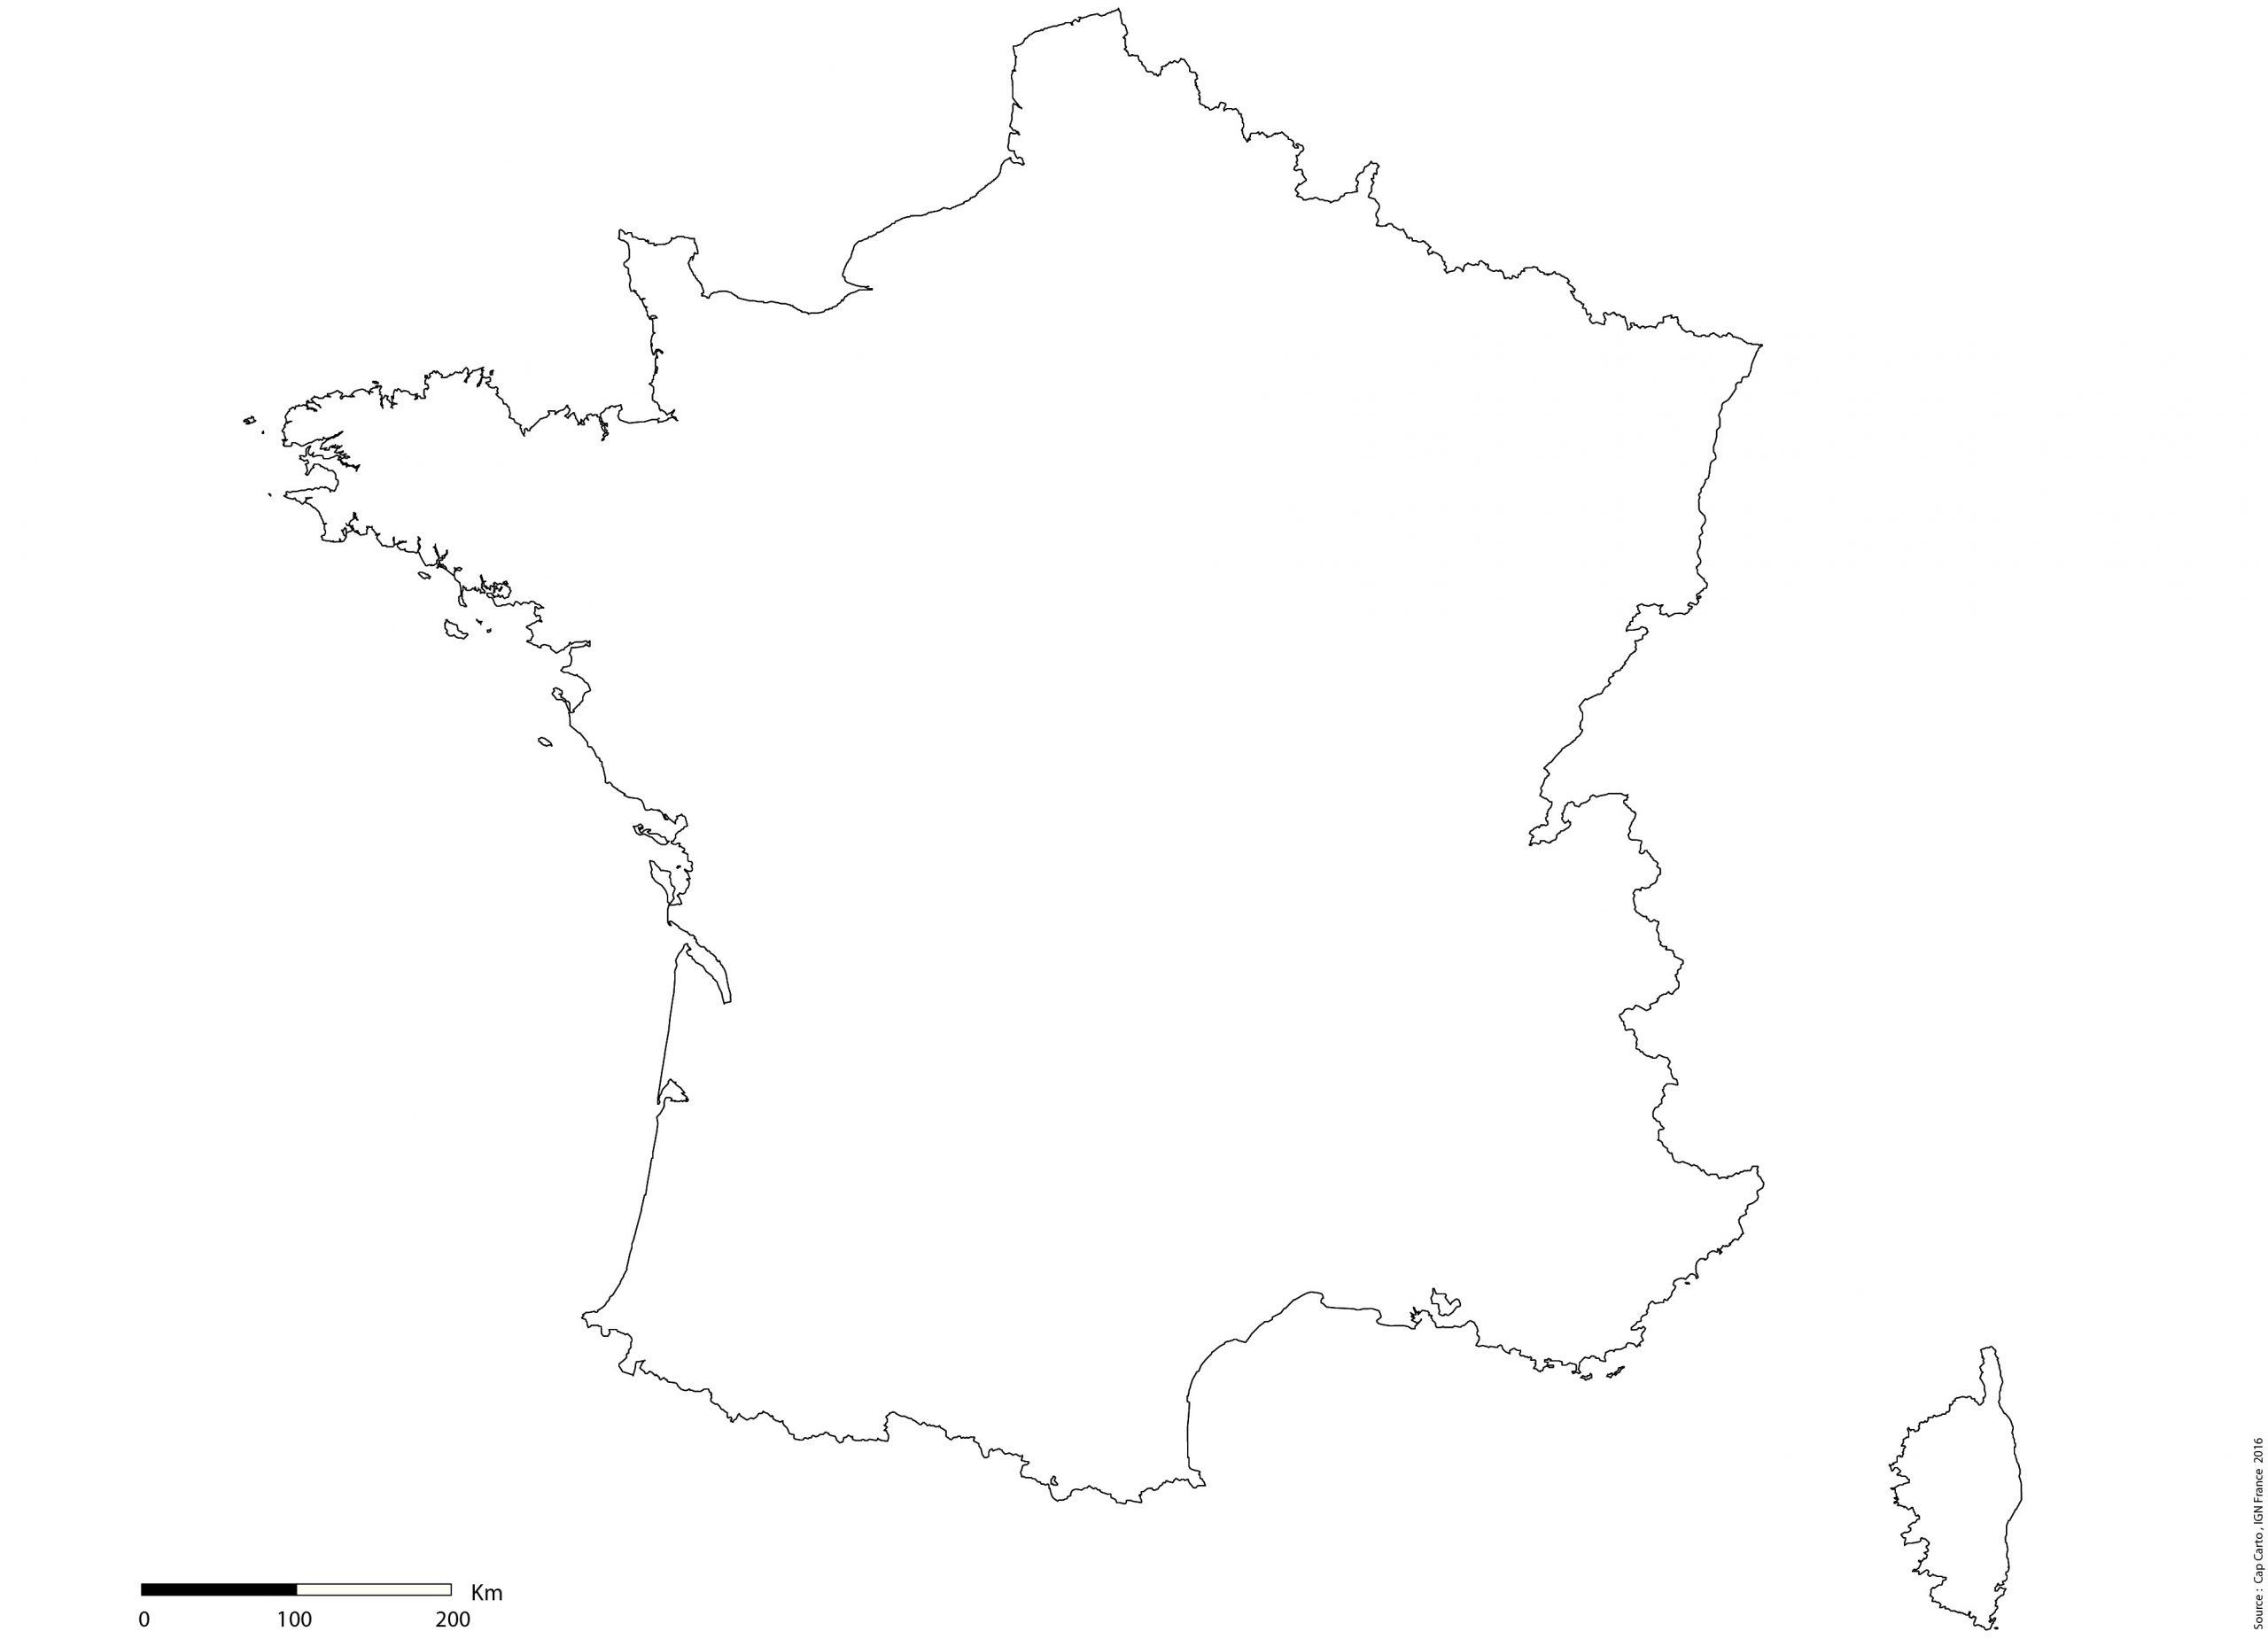 France-Contours-Vierge-Echelle - Cap Carto à Fond De Carte France Vierge